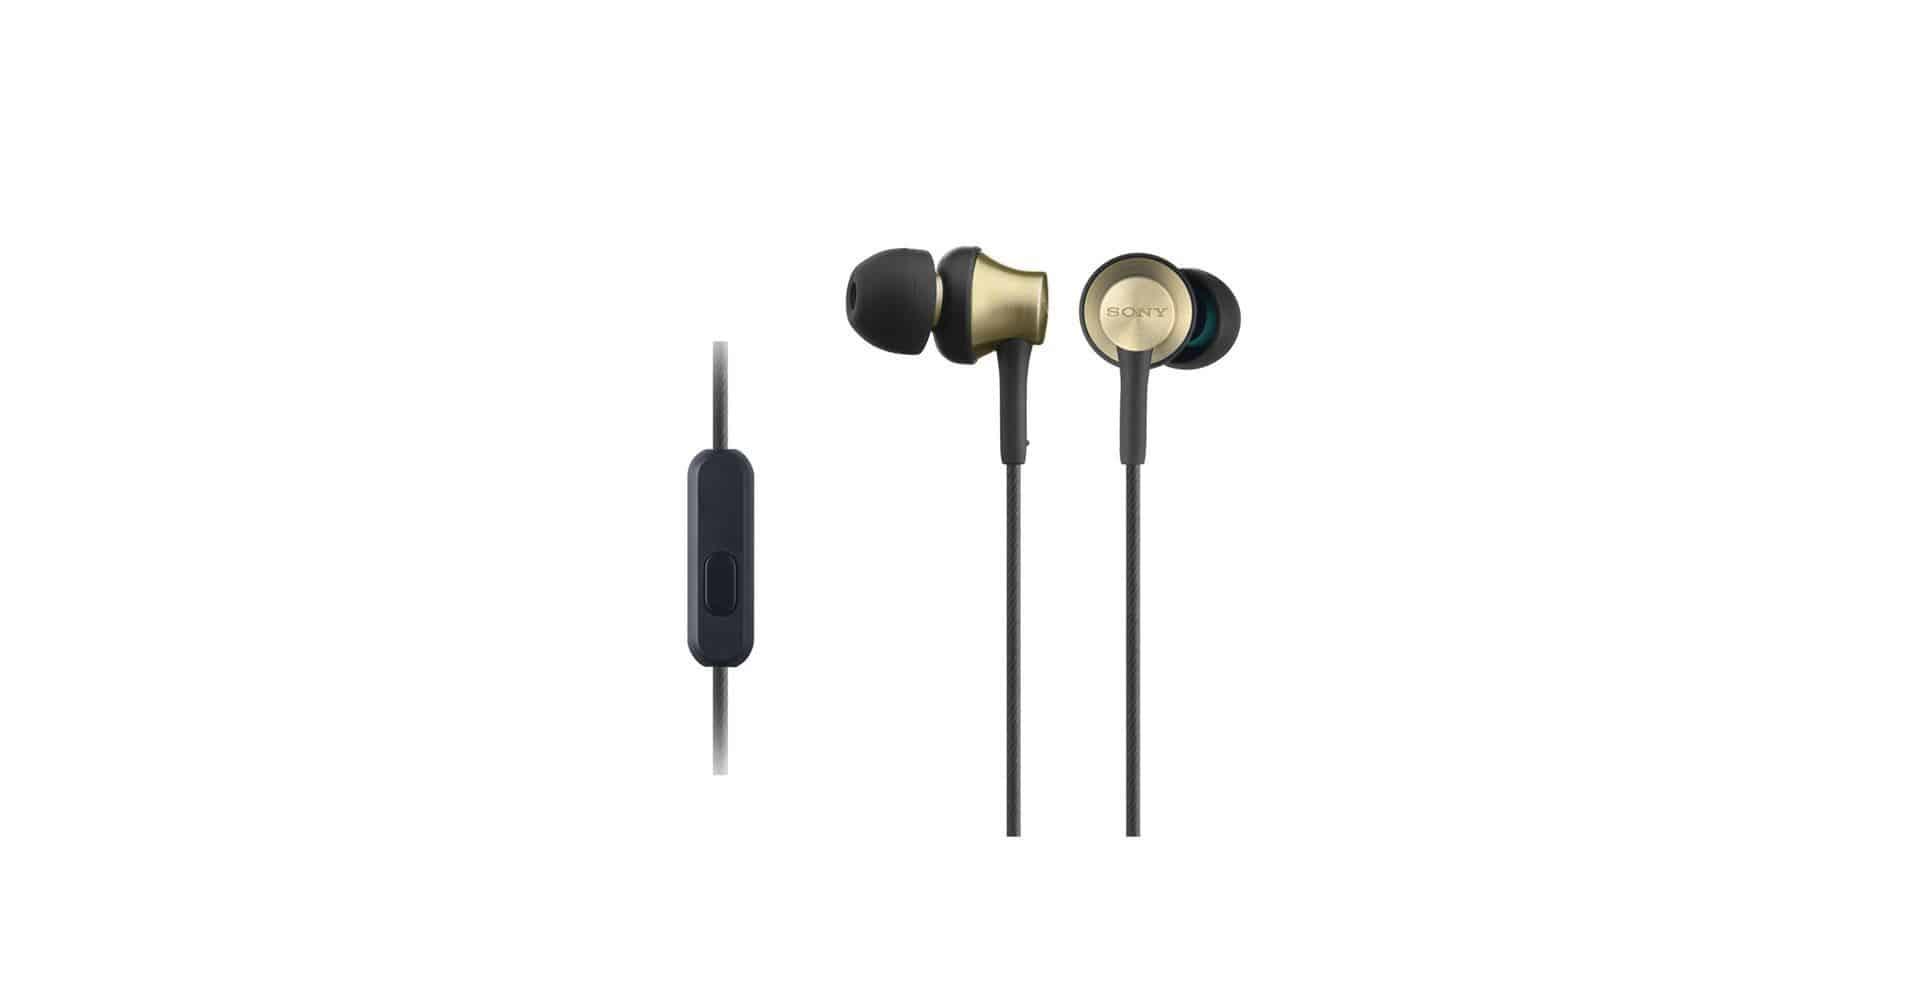 0002610_sony-mdr-ex650ap-in-ear-headphones.jpeg